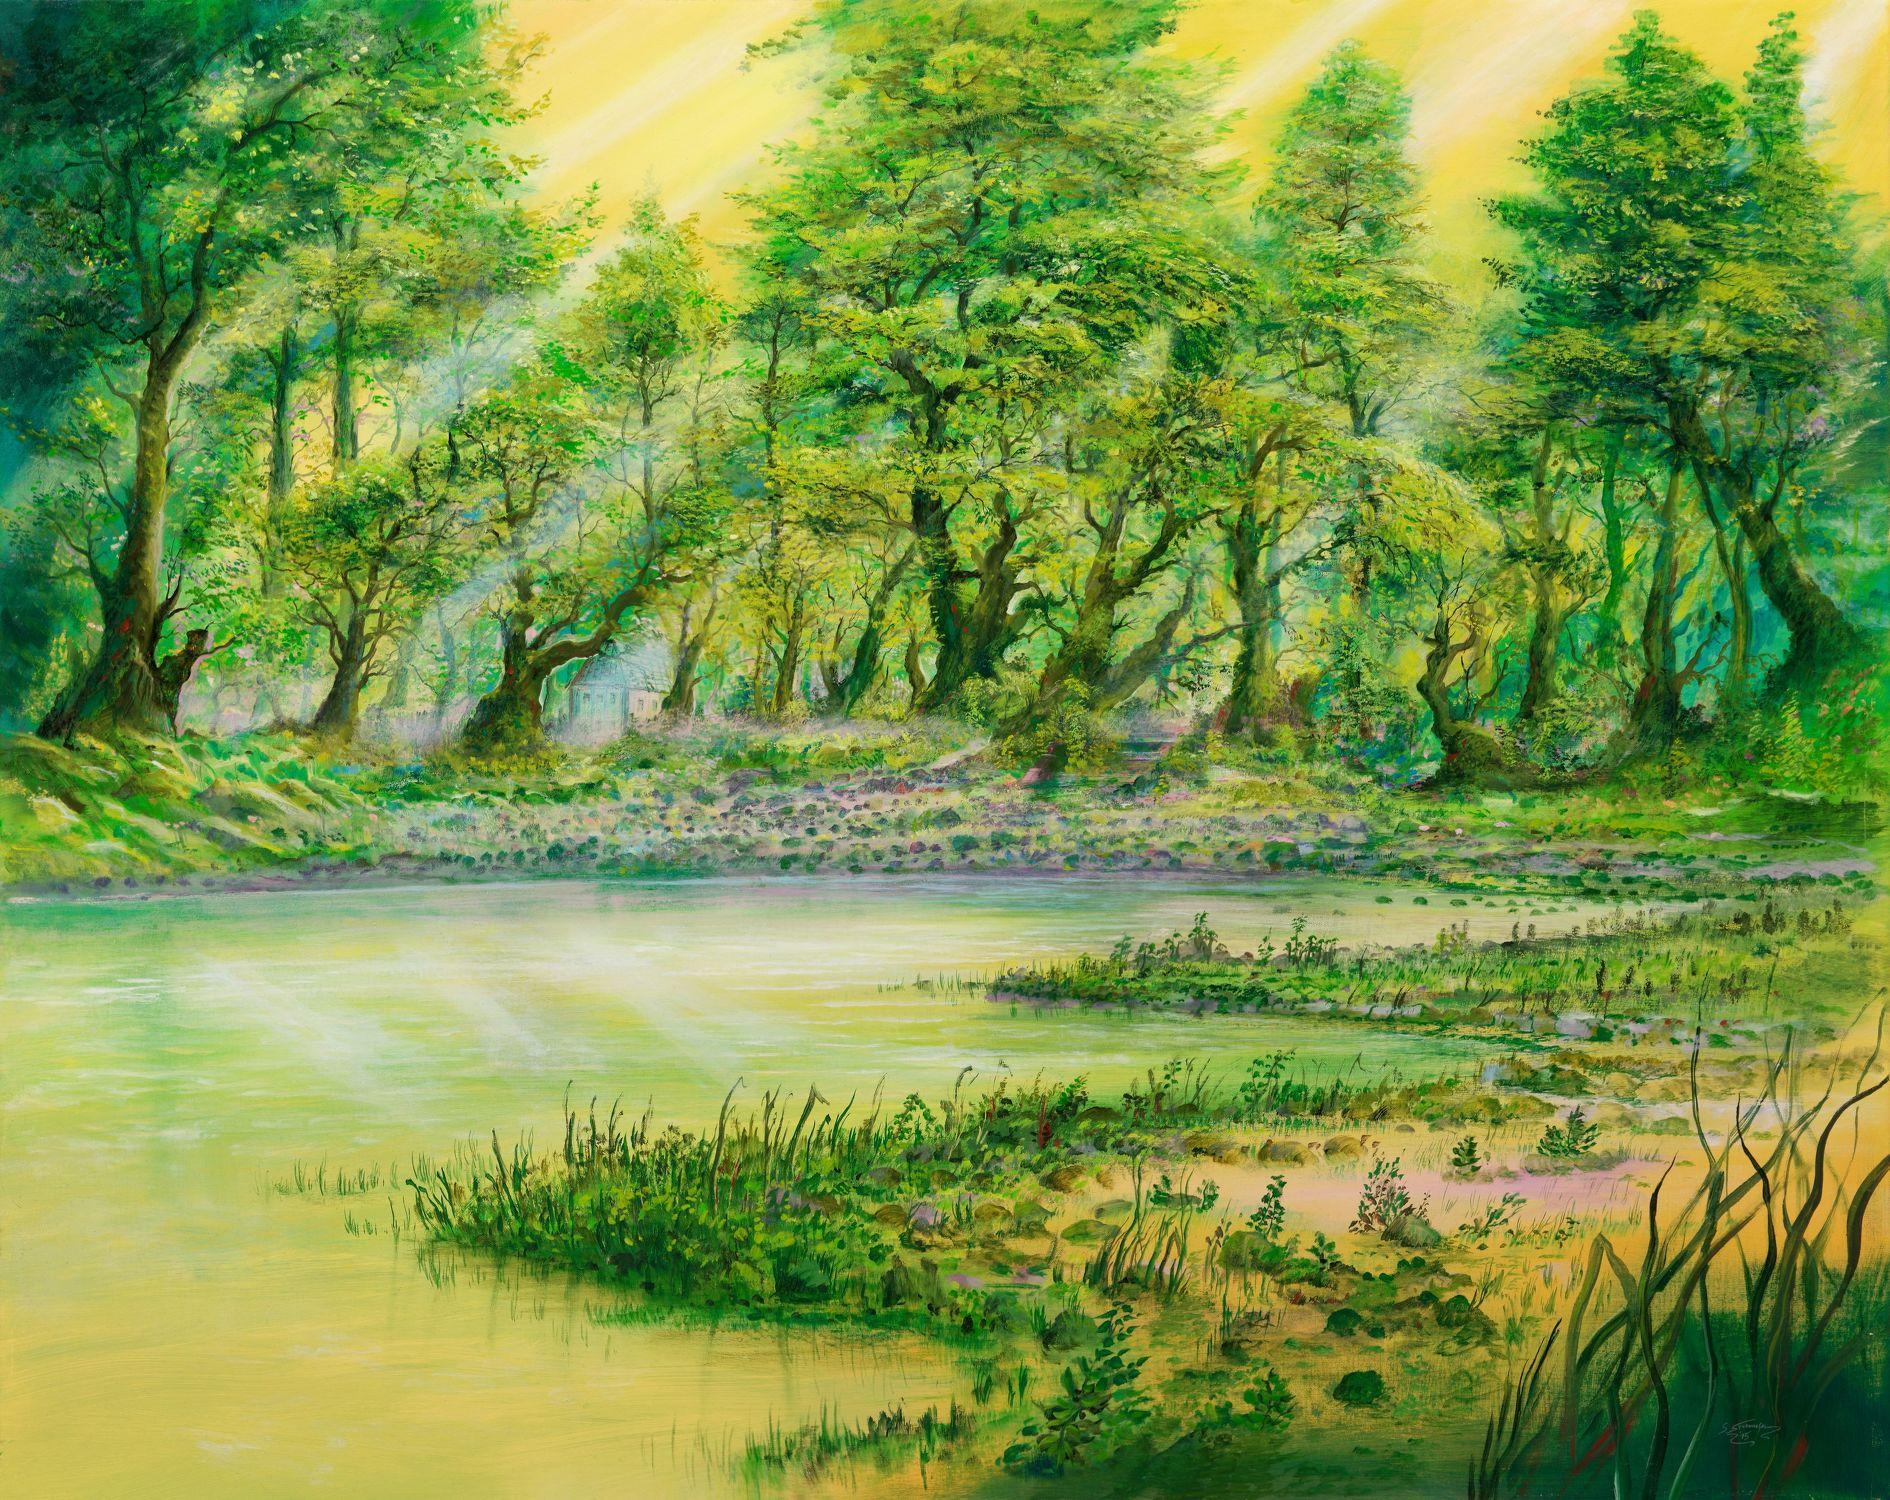 Bild mit Wälder, Wald, Landschaft